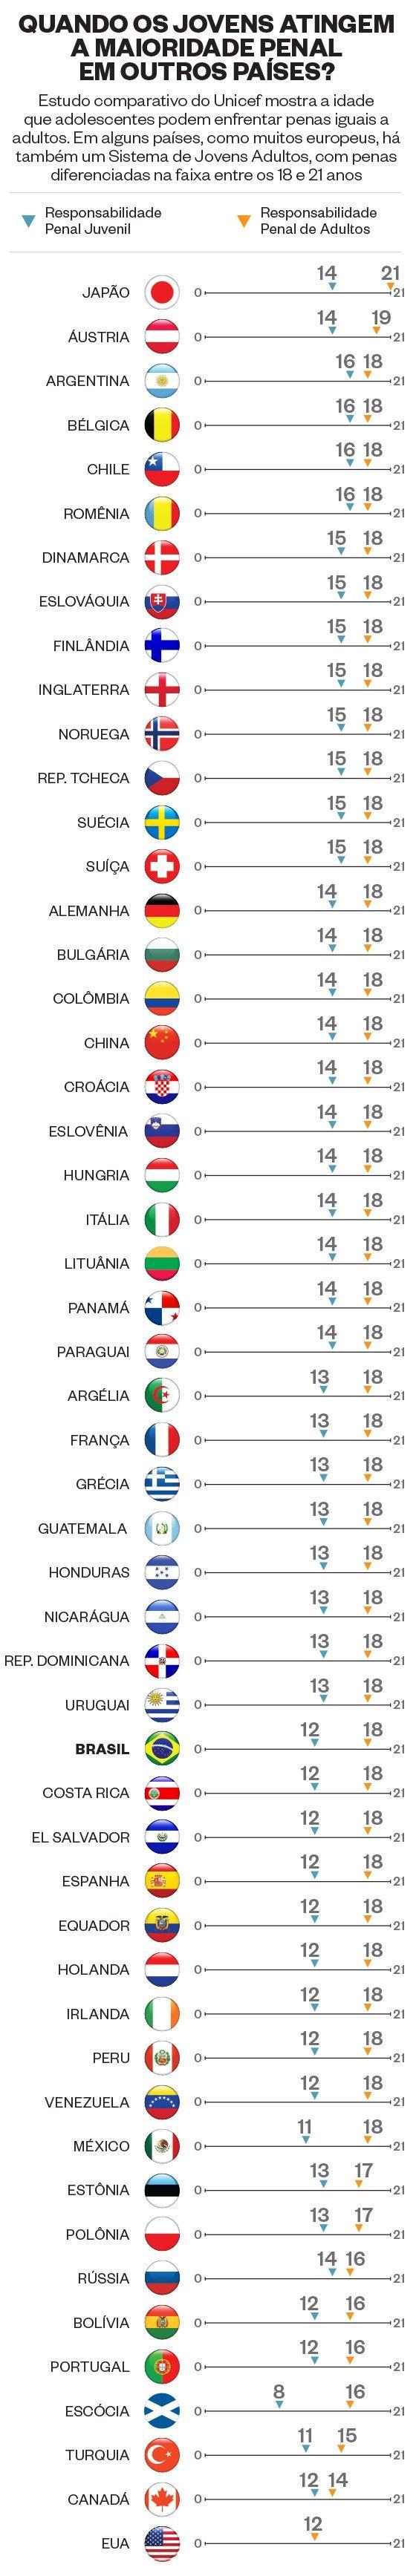 """FONTE: Estudo """"Por que dizer não à redução da idade penal"""", da Unicef, publicado em novembro de 2007 (Foto: Infográfico: Bruno Calixto e Renato Tanigawa)"""